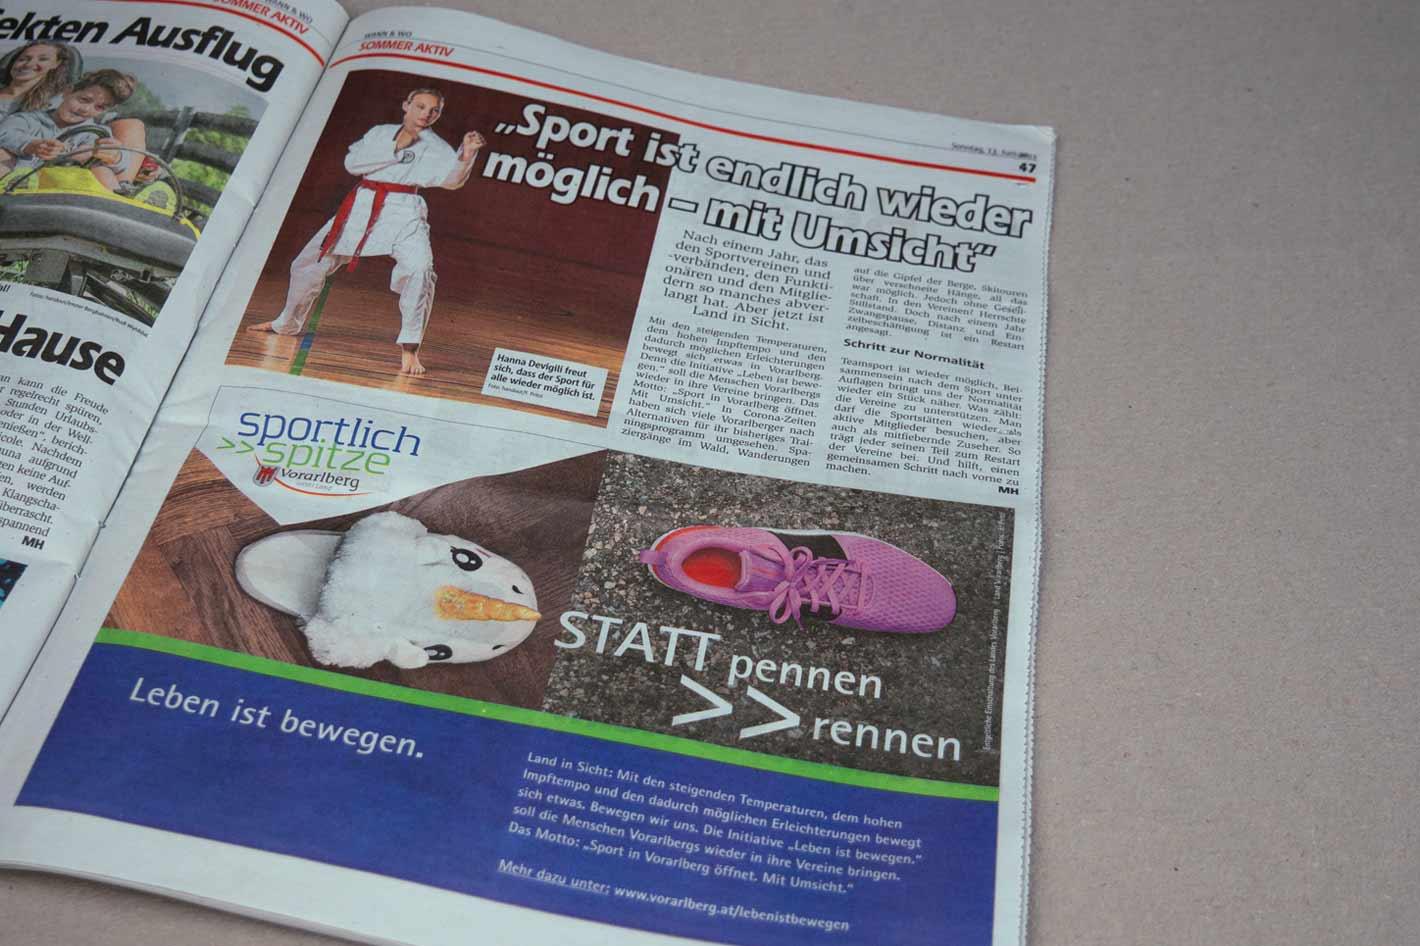 Anzeige Wann&Wo Hochfahren des Sports Land Vorarlberg